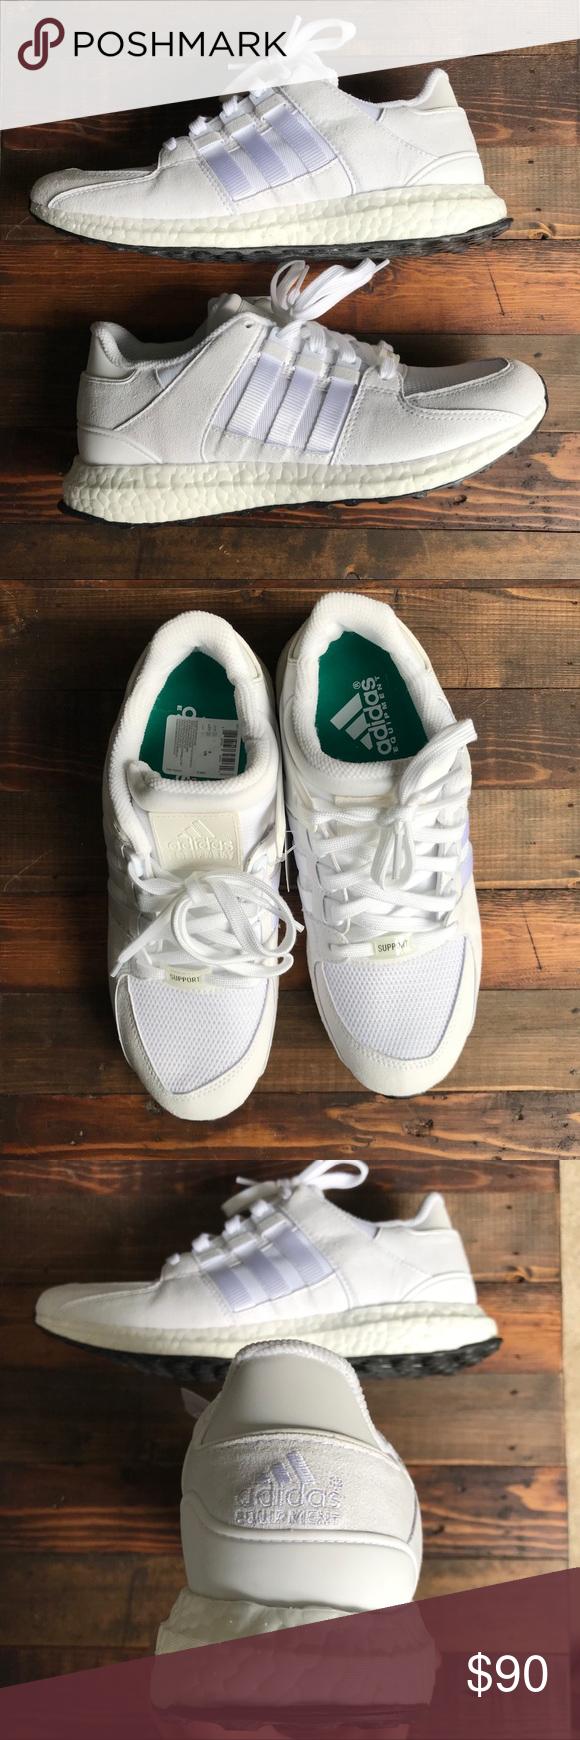 adidas eqt sostegno 93 / 16 scarpe uomini 'degli anni' 90 in stile con